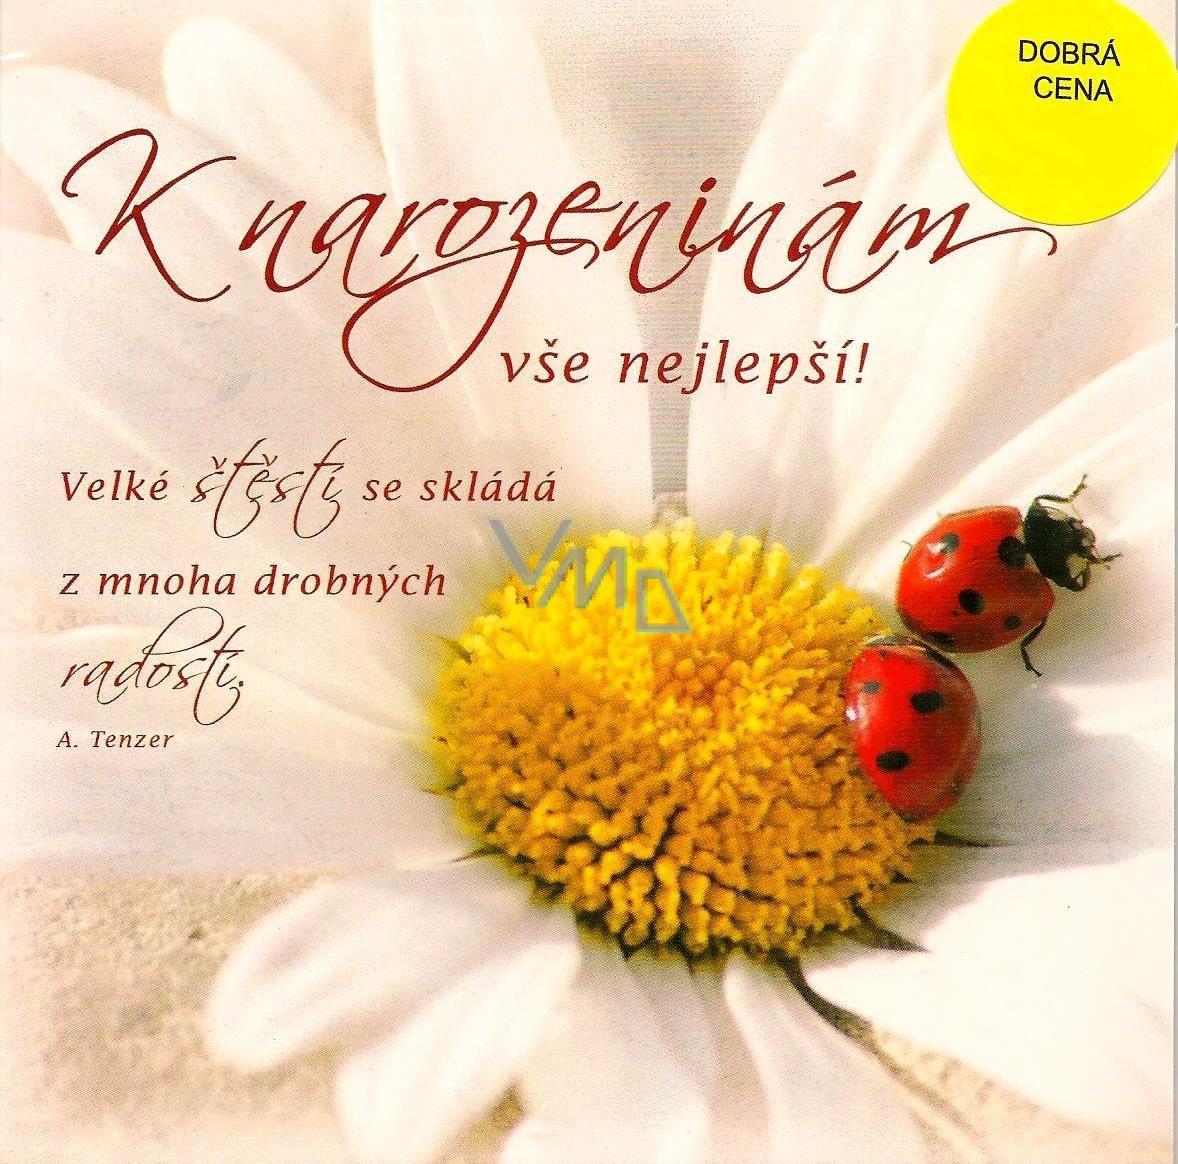 obrázky přání k narozeninám Nekupto Přání k narozeninám 2 berušky   VMD parfumerie   drogerie obrázky přání k narozeninám